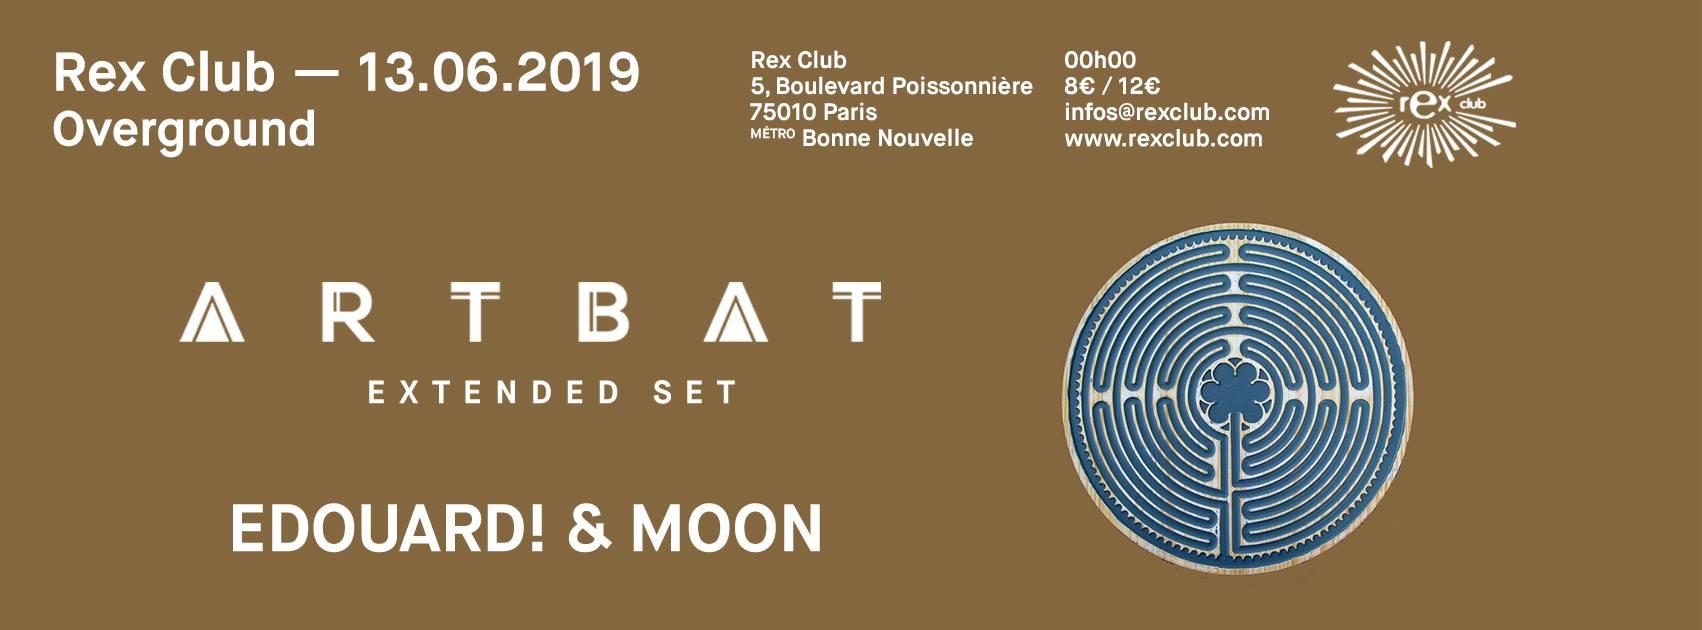 Overground: Artbat Extended Set, Edouard! & Moon